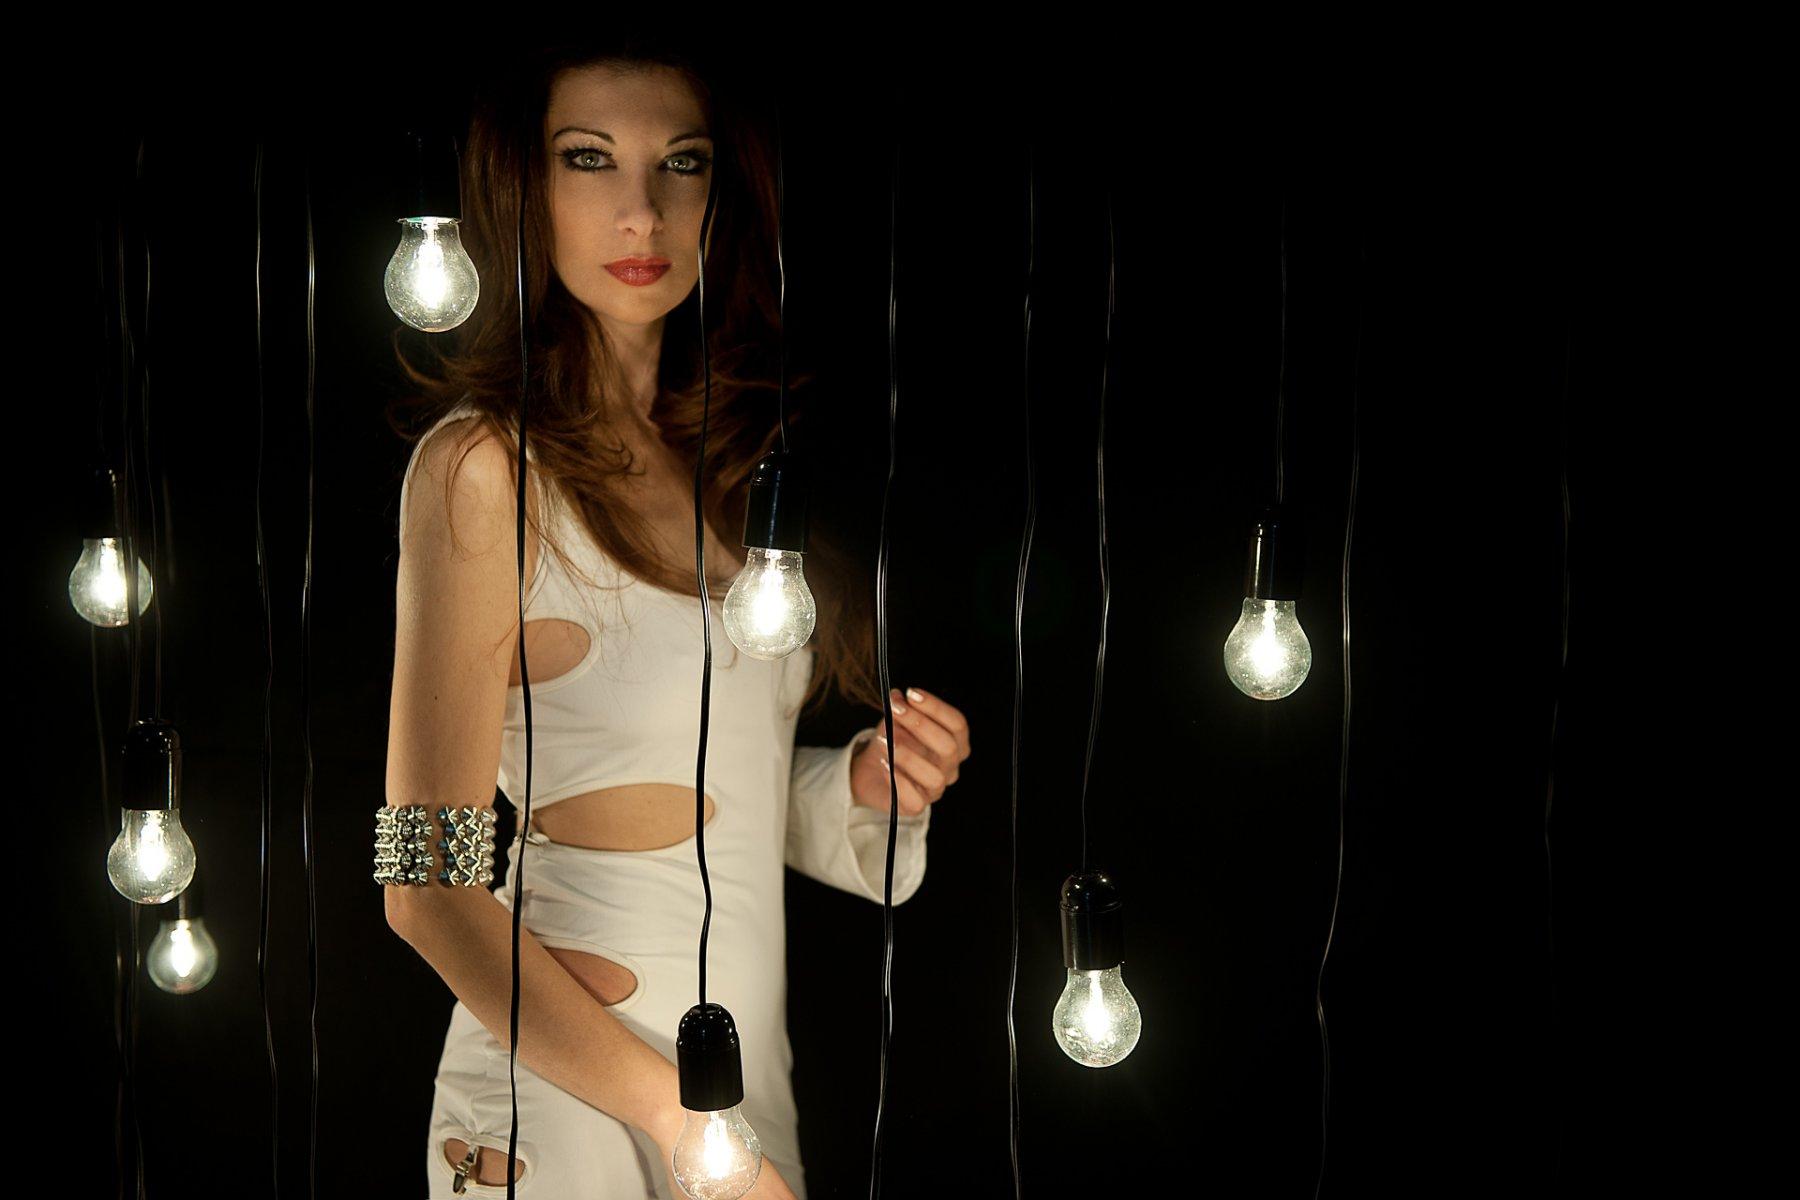 119-Alessandra-Casale Women (18+)